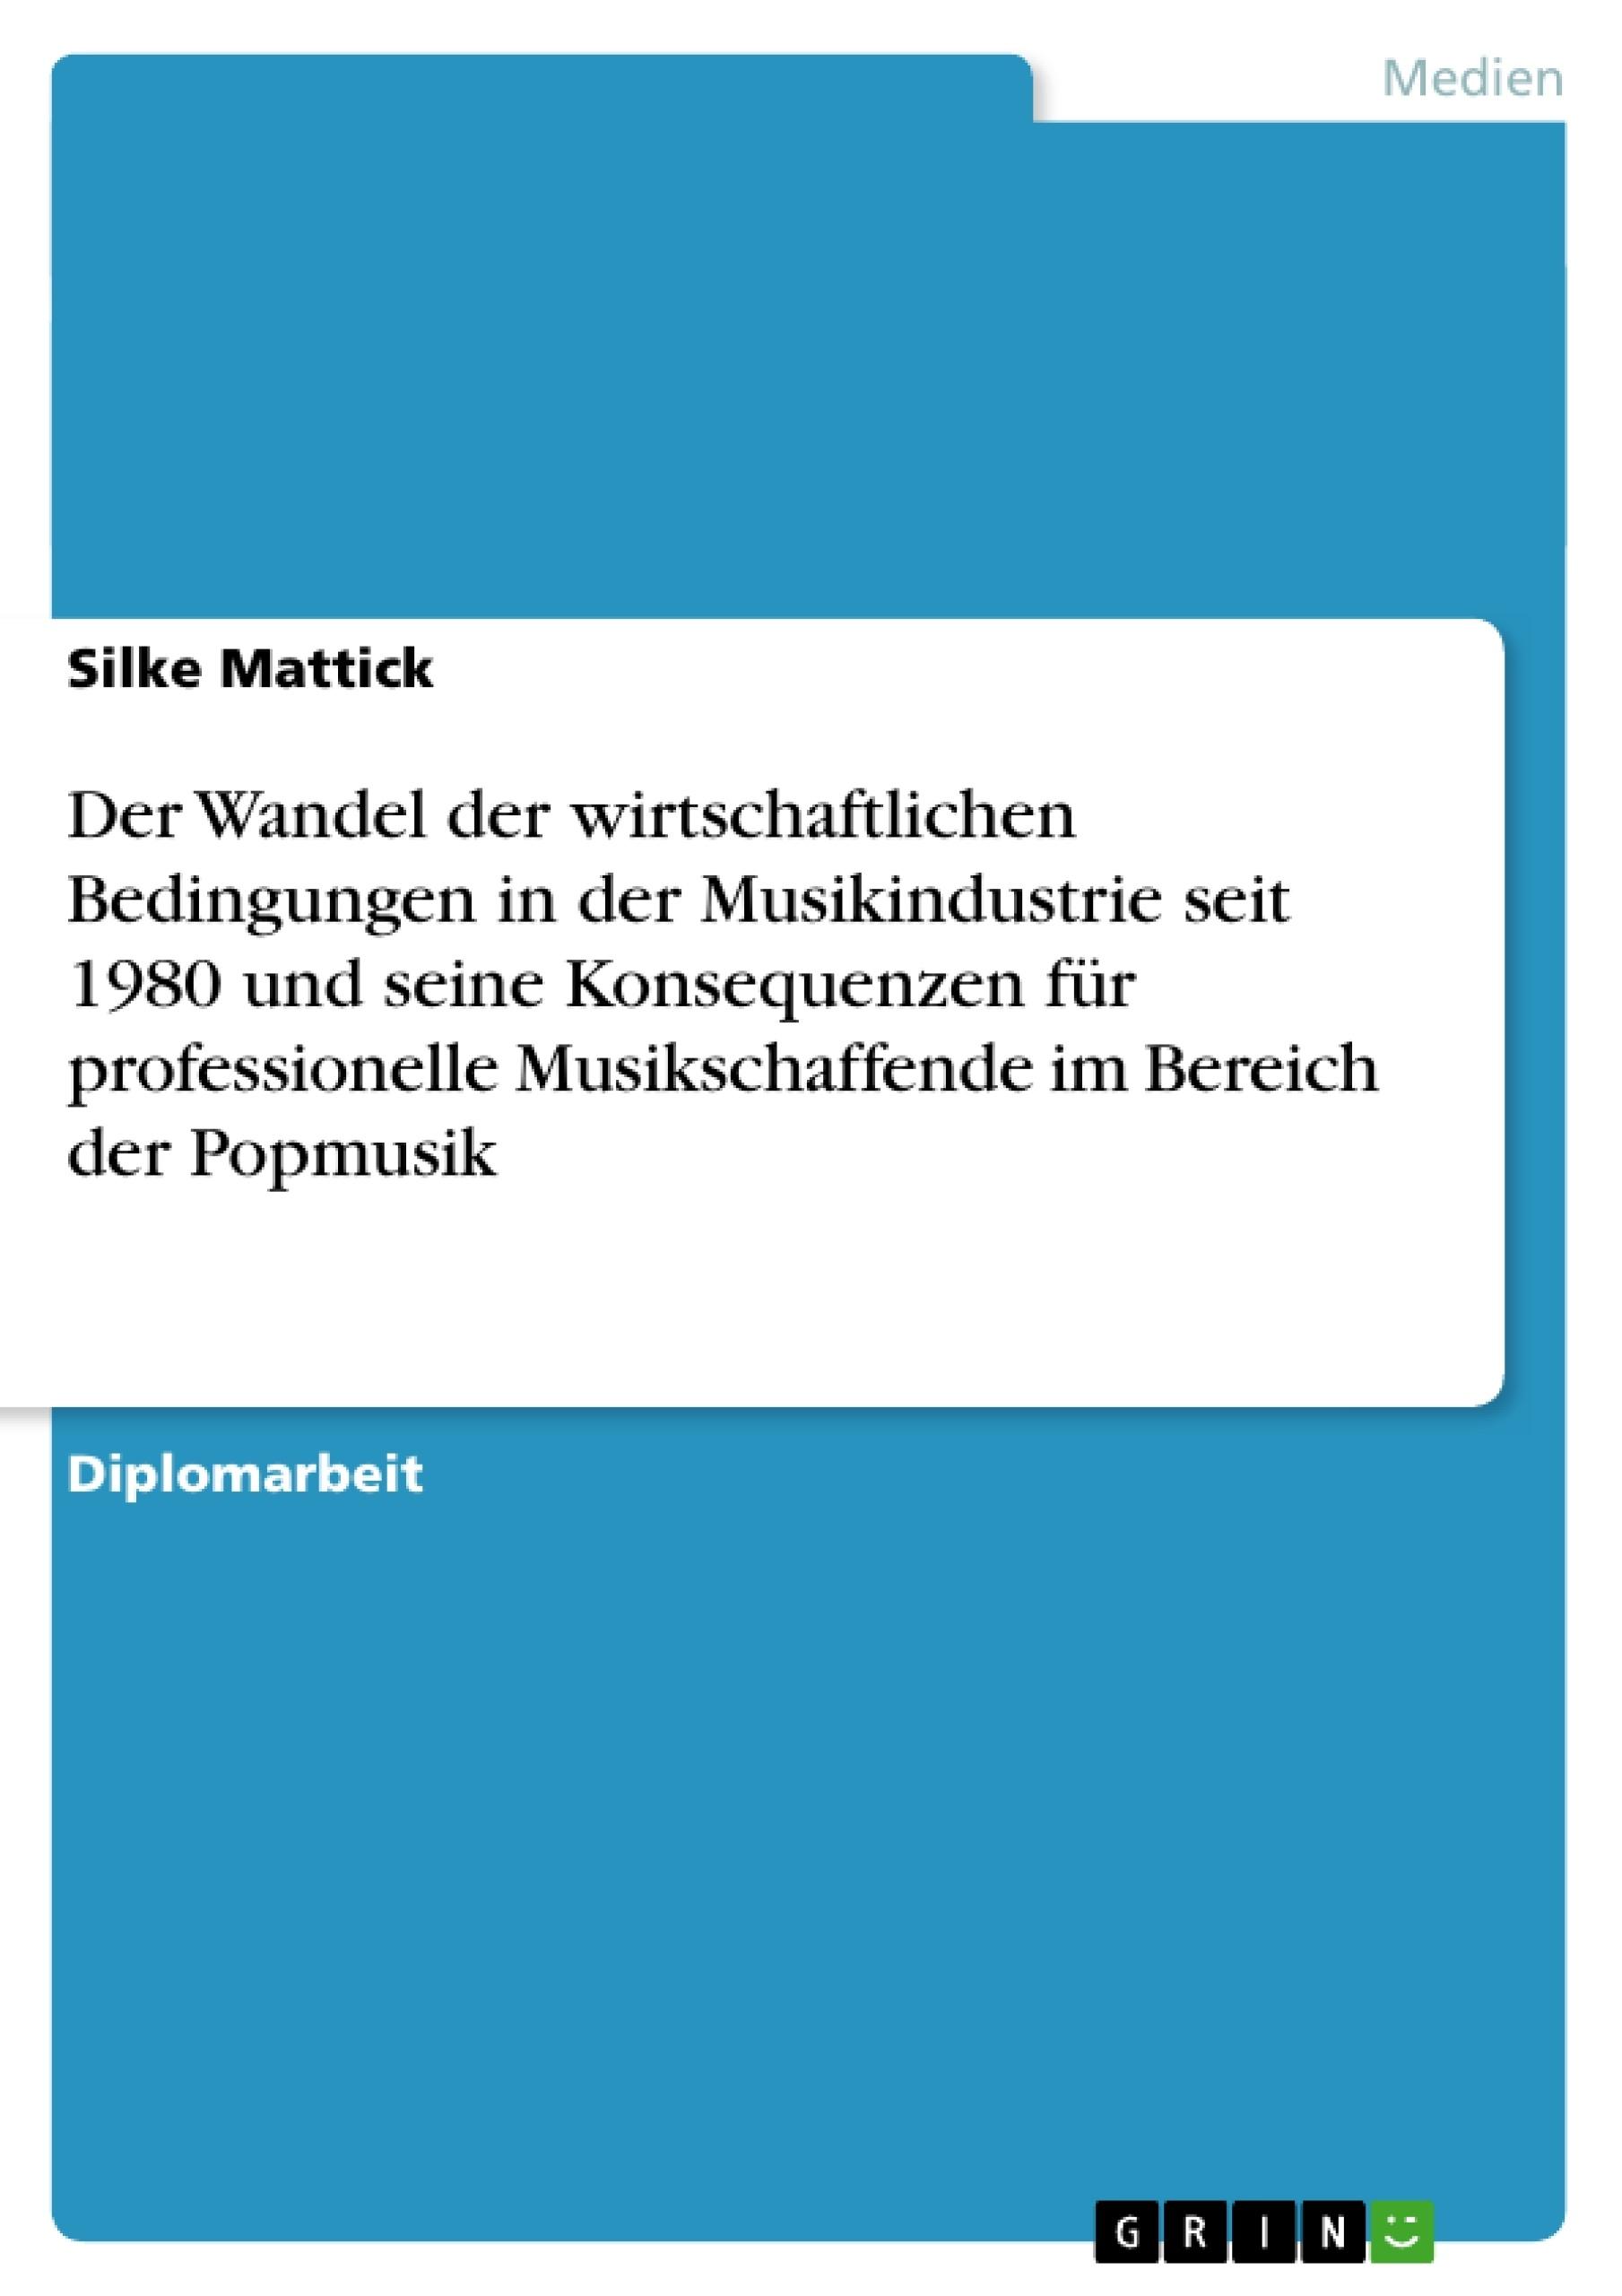 Titel: Der Wandel der wirtschaftlichen Bedingungen in der Musikindustrie seit 1980 und seine Konsequenzen für professionelle Musikschaffende im Bereich der Popmusik